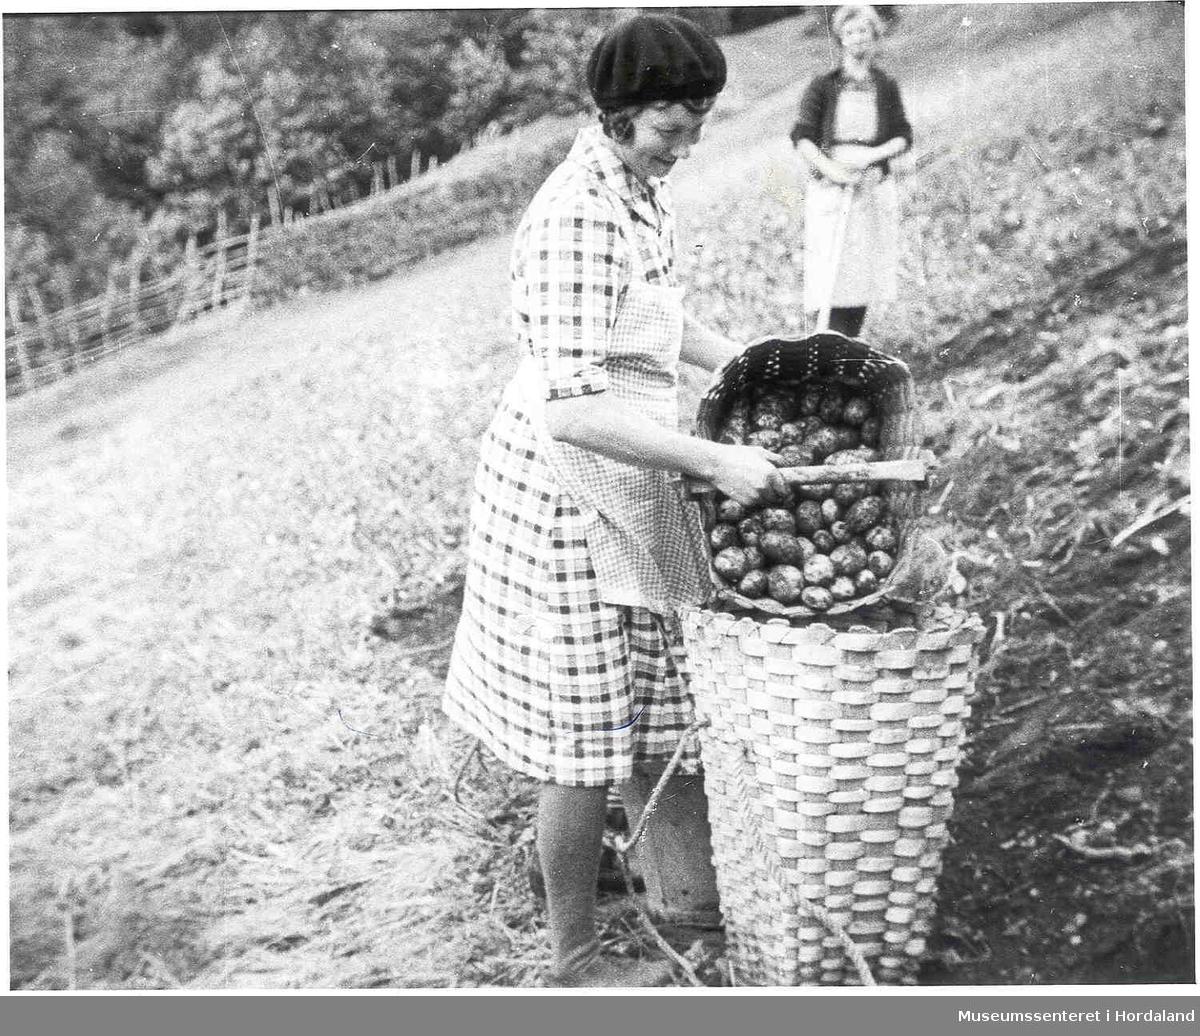 Havrå.To kvinner som tek opp poteter. Kipe. Brattbakke. Trehesjer med potetgras i bakgrunnen. Potetåker. Korg med poteter i.  (Foto/Photo)